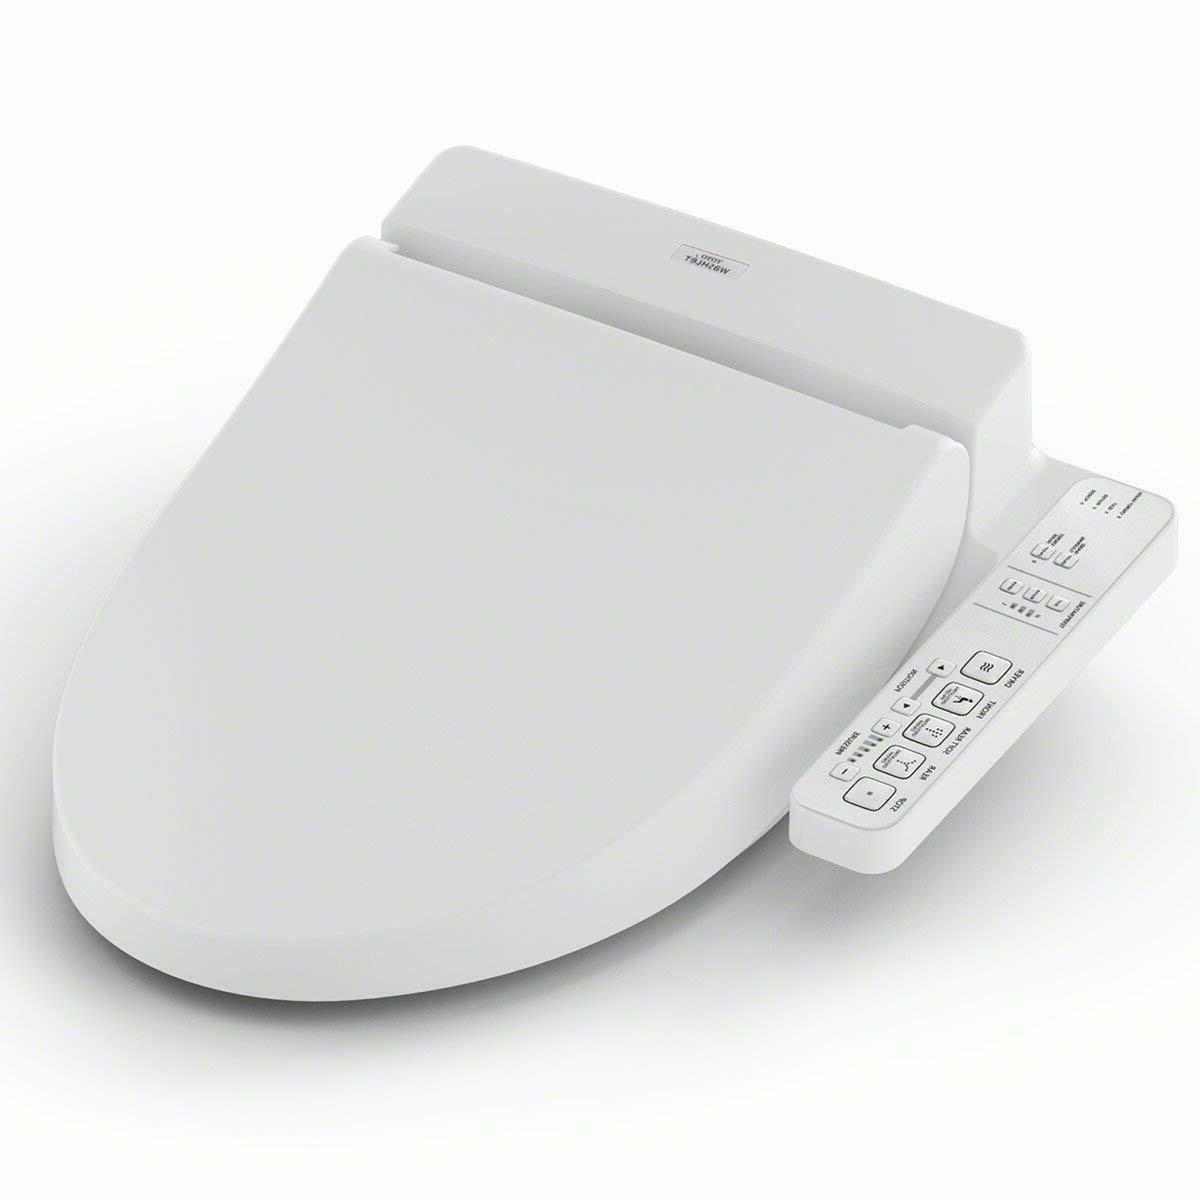 toto sw2034 01 c100 washlet electronic bidet